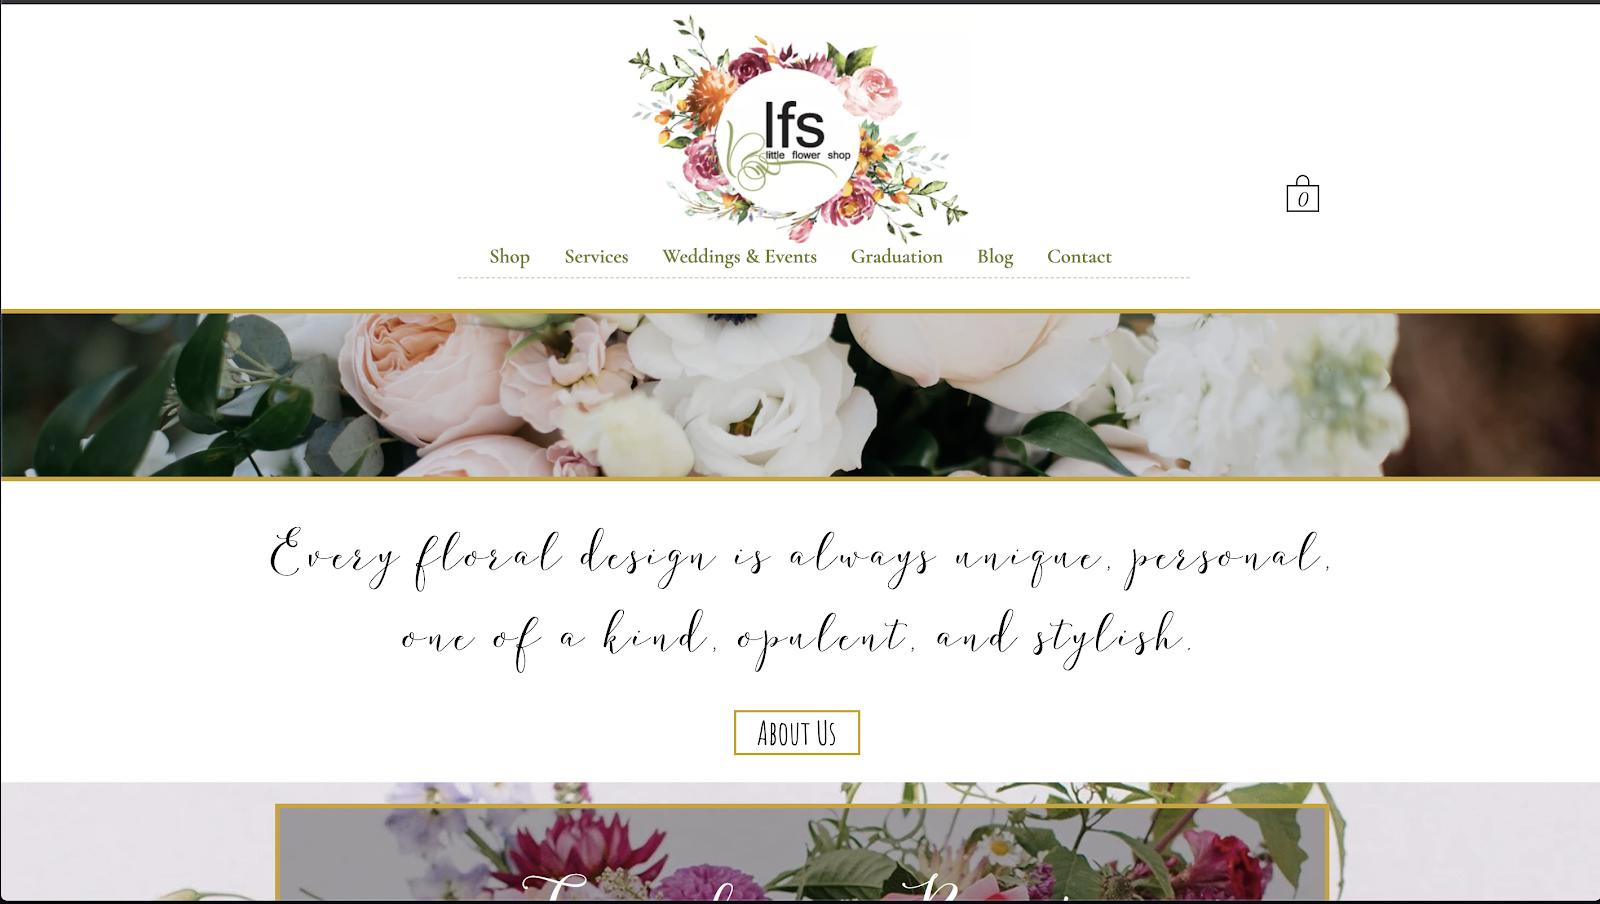 花屋 ウェブサイト制作事例7−1